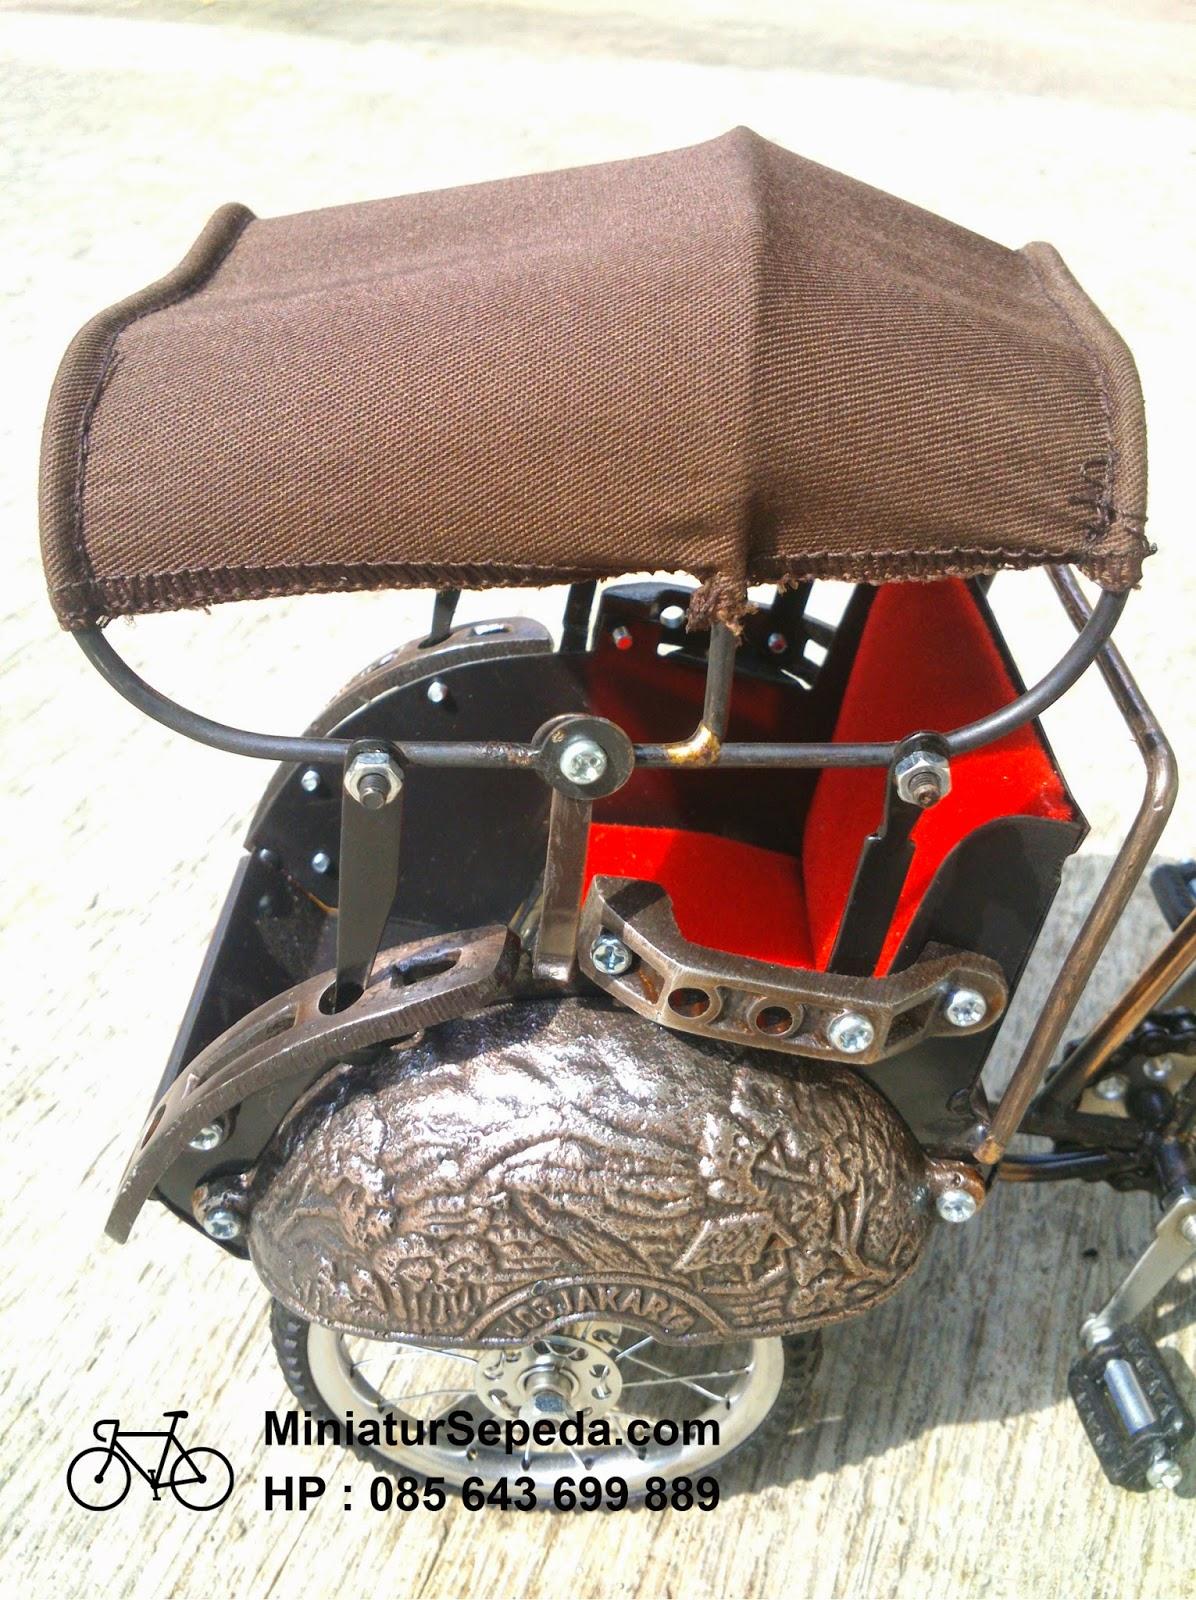 Miniatur Becak Yogyakarta